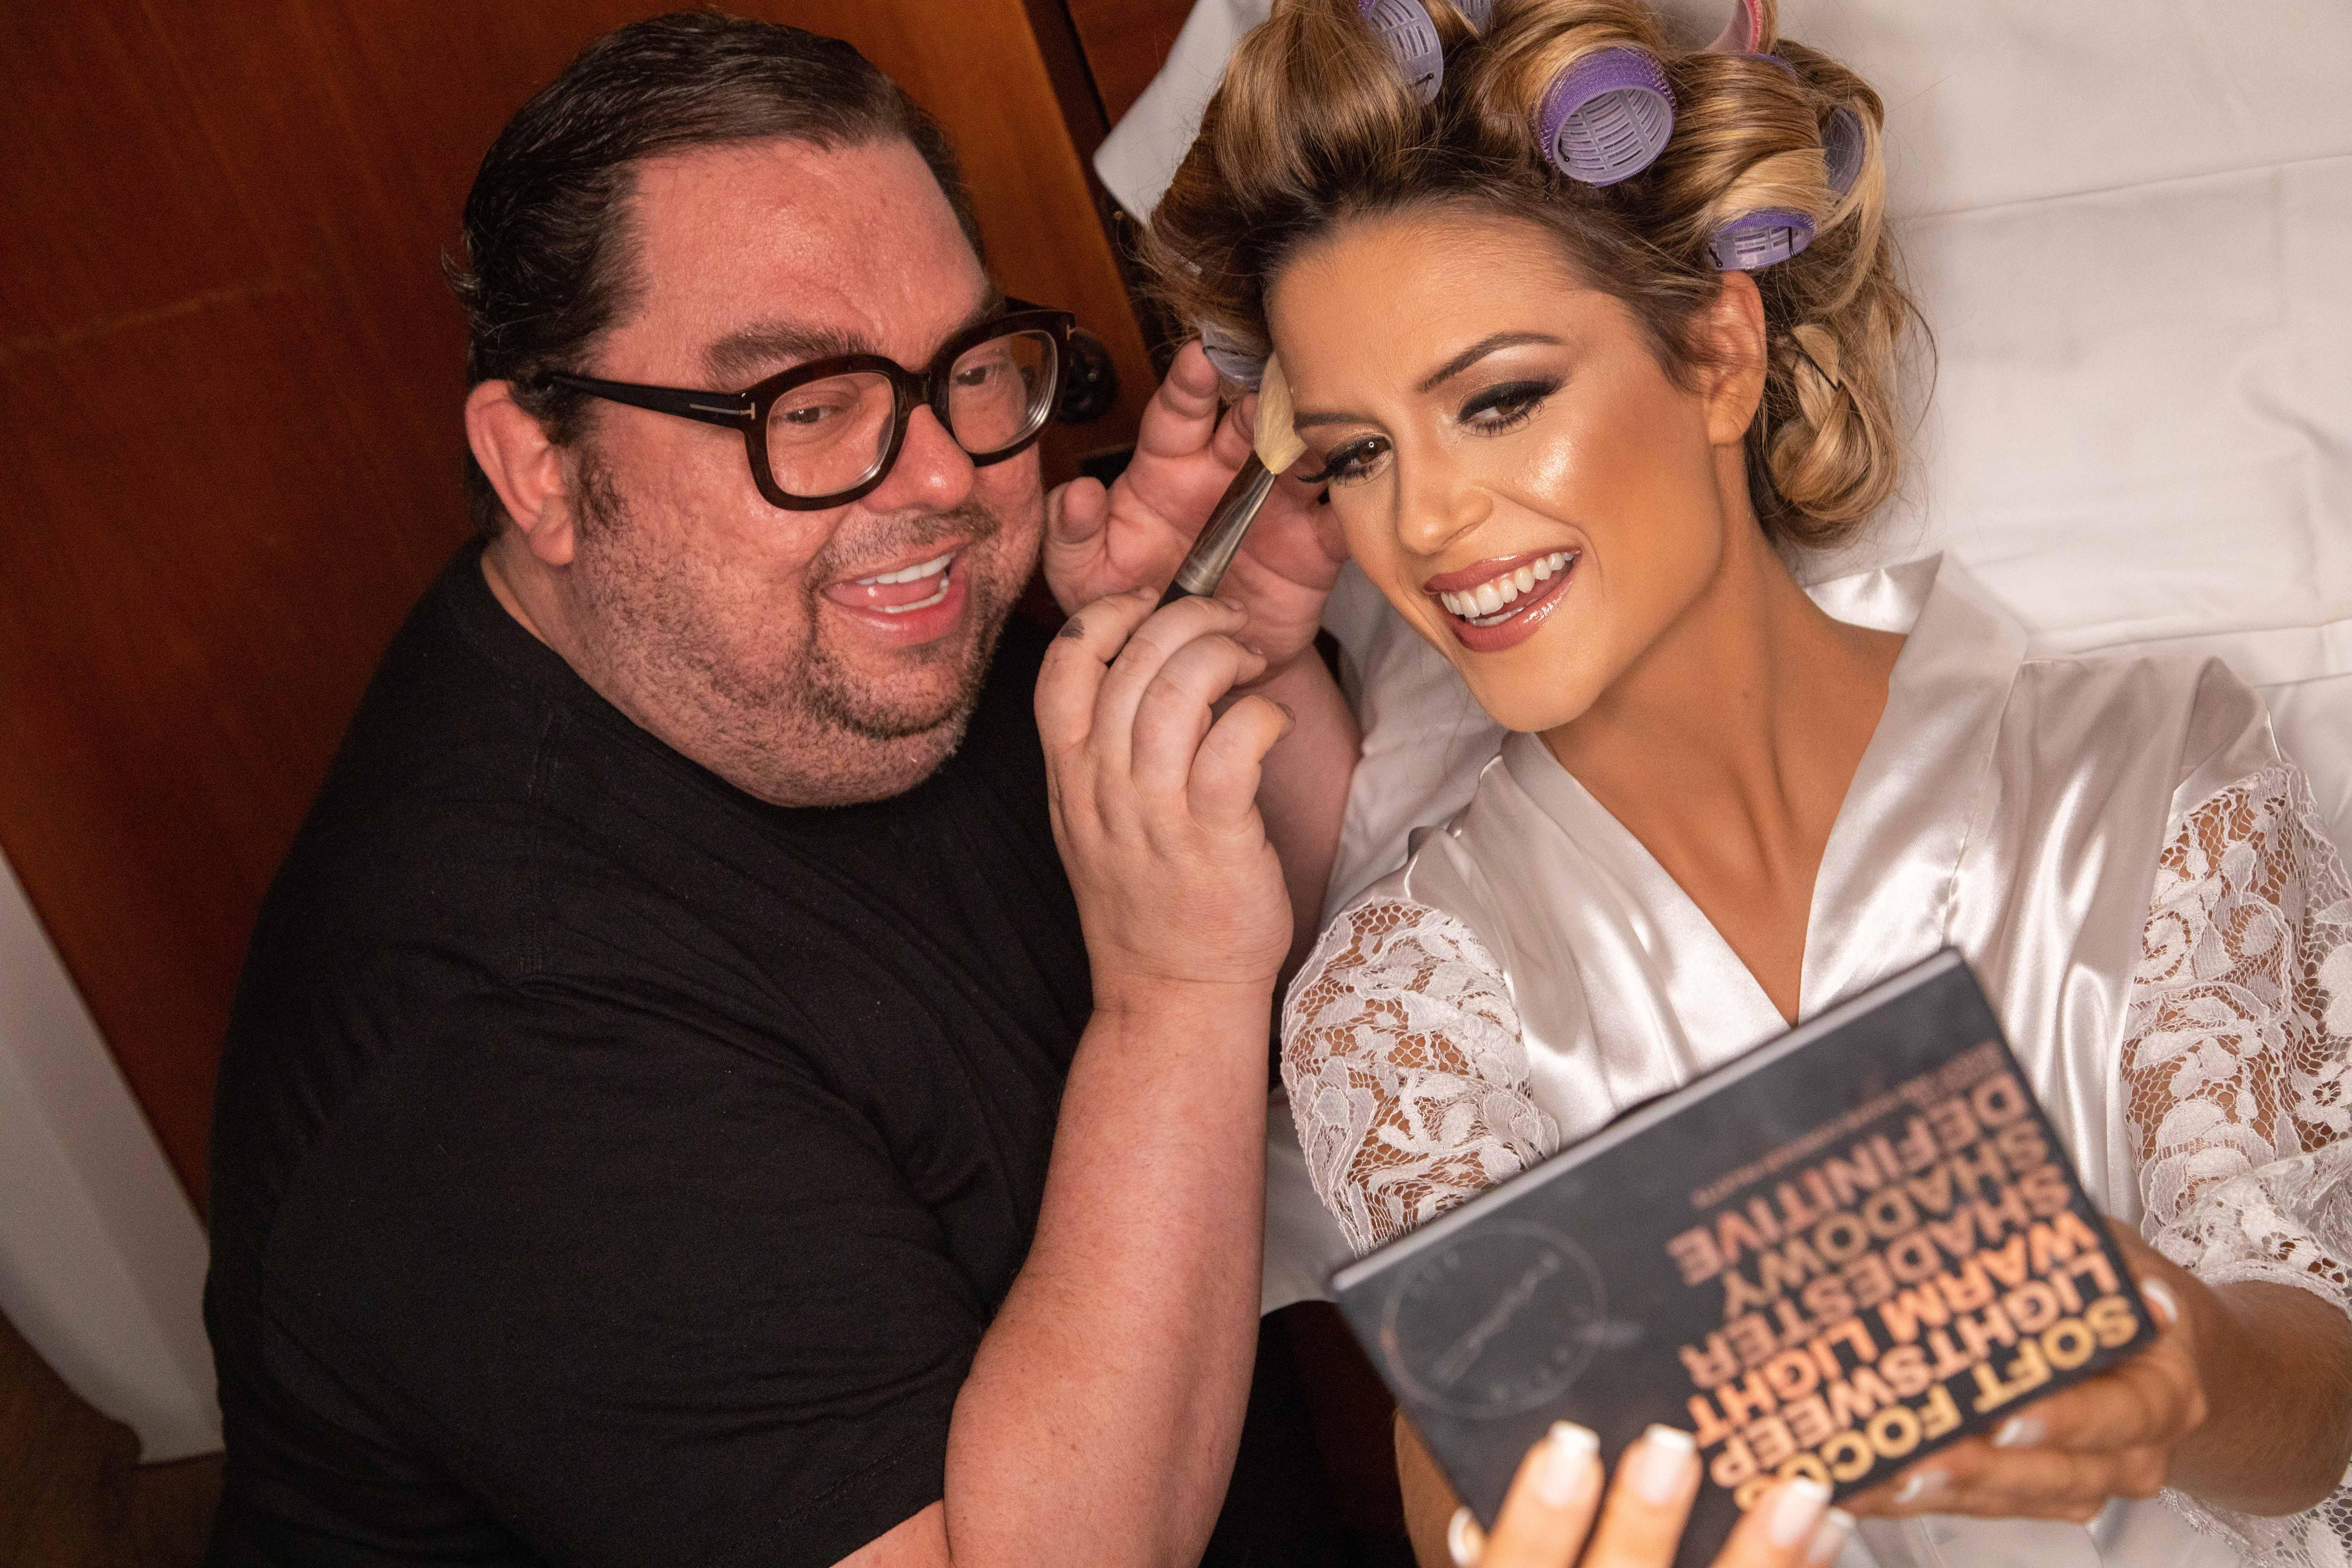 Beca Milano com Jr Mendes no dia da noiva